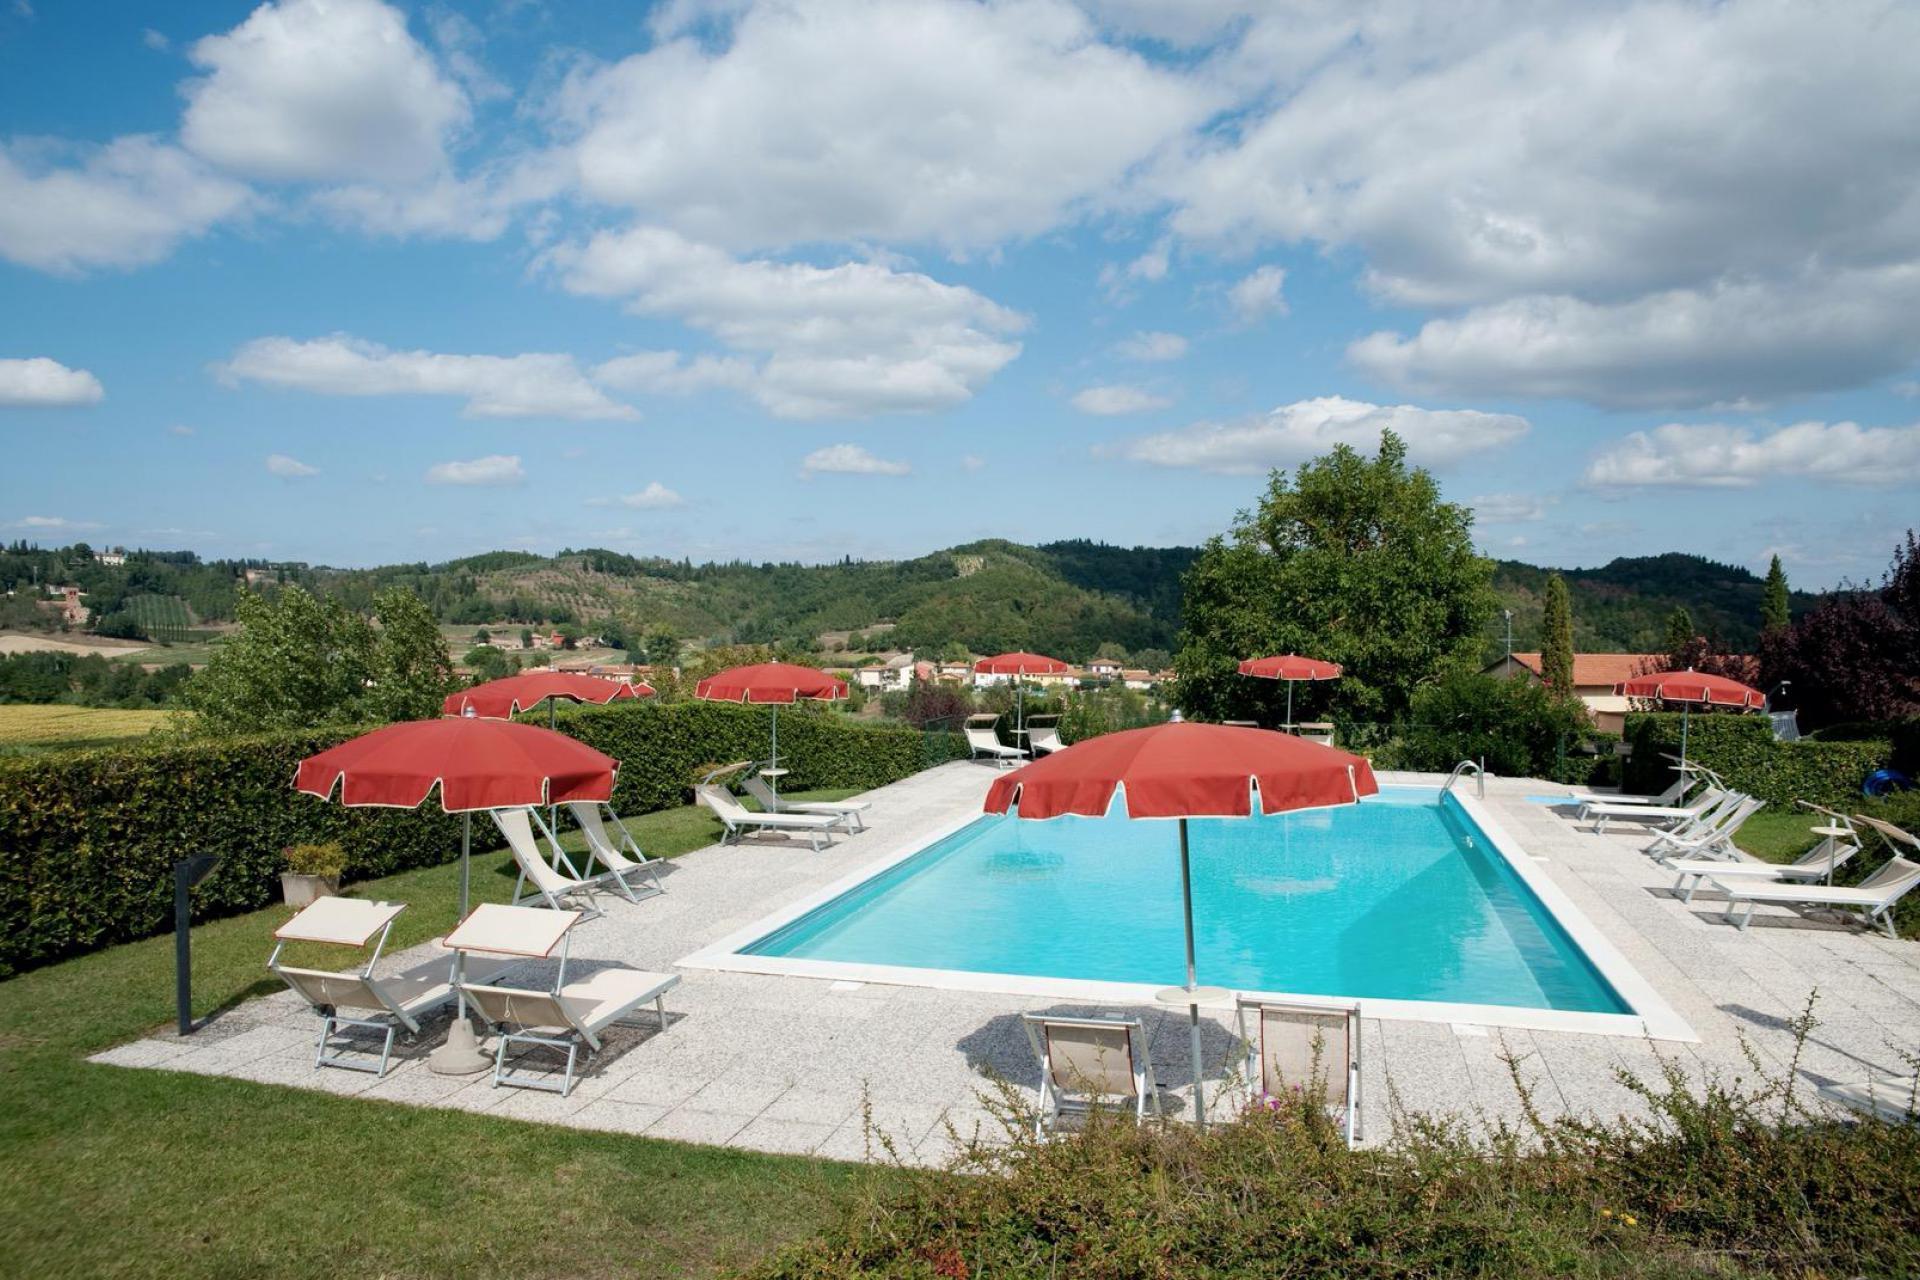 Agriturismo Toskana Agriturismo für Familien mit großem Pool und Kinderbecken